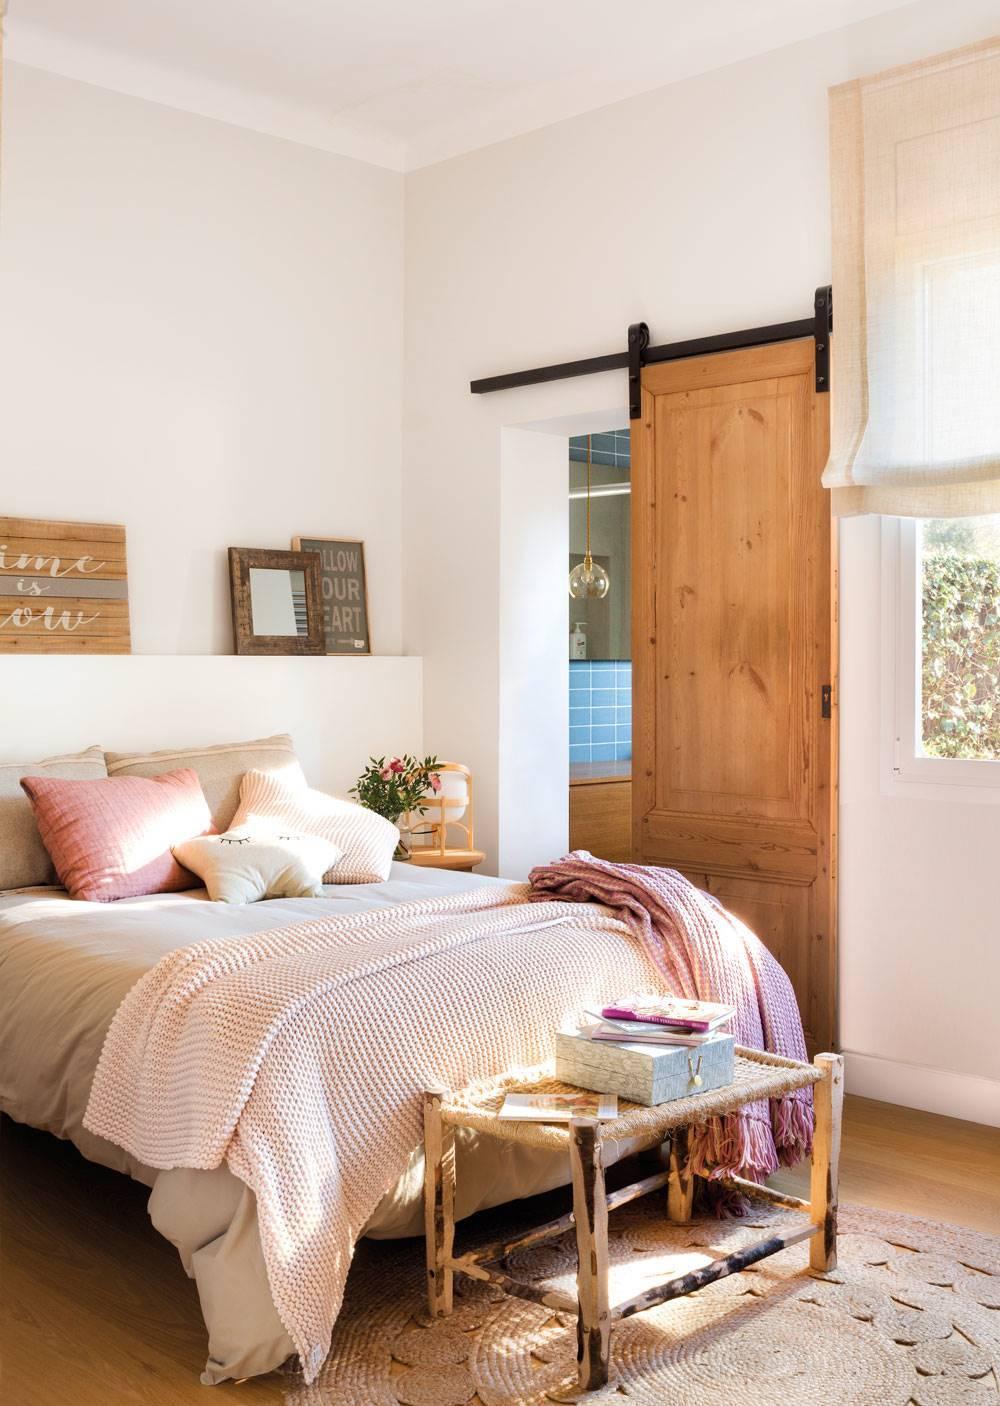 3867 fotos de dormitorios - Imagenes dormitorios juveniles ...